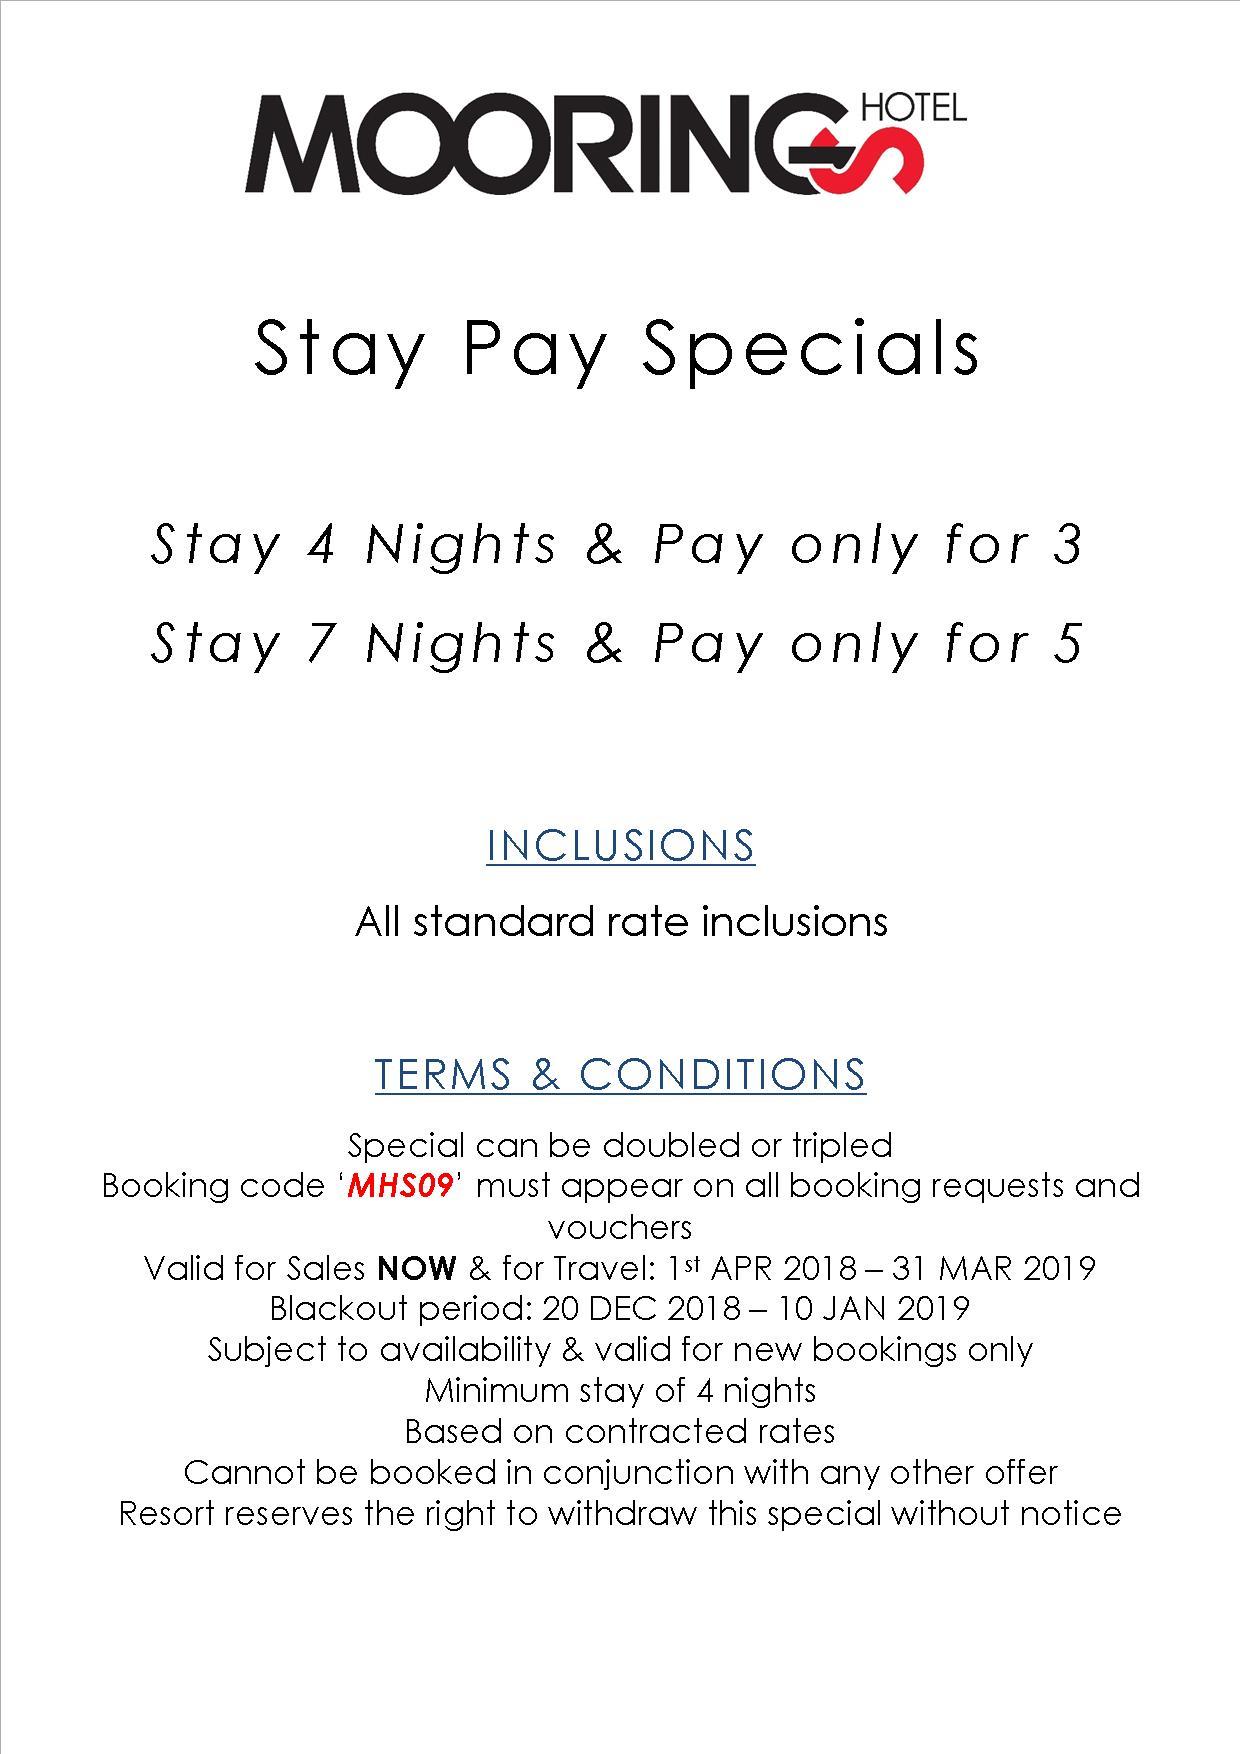 Moorings Hotel Vanuatu - Rates & Special Deals